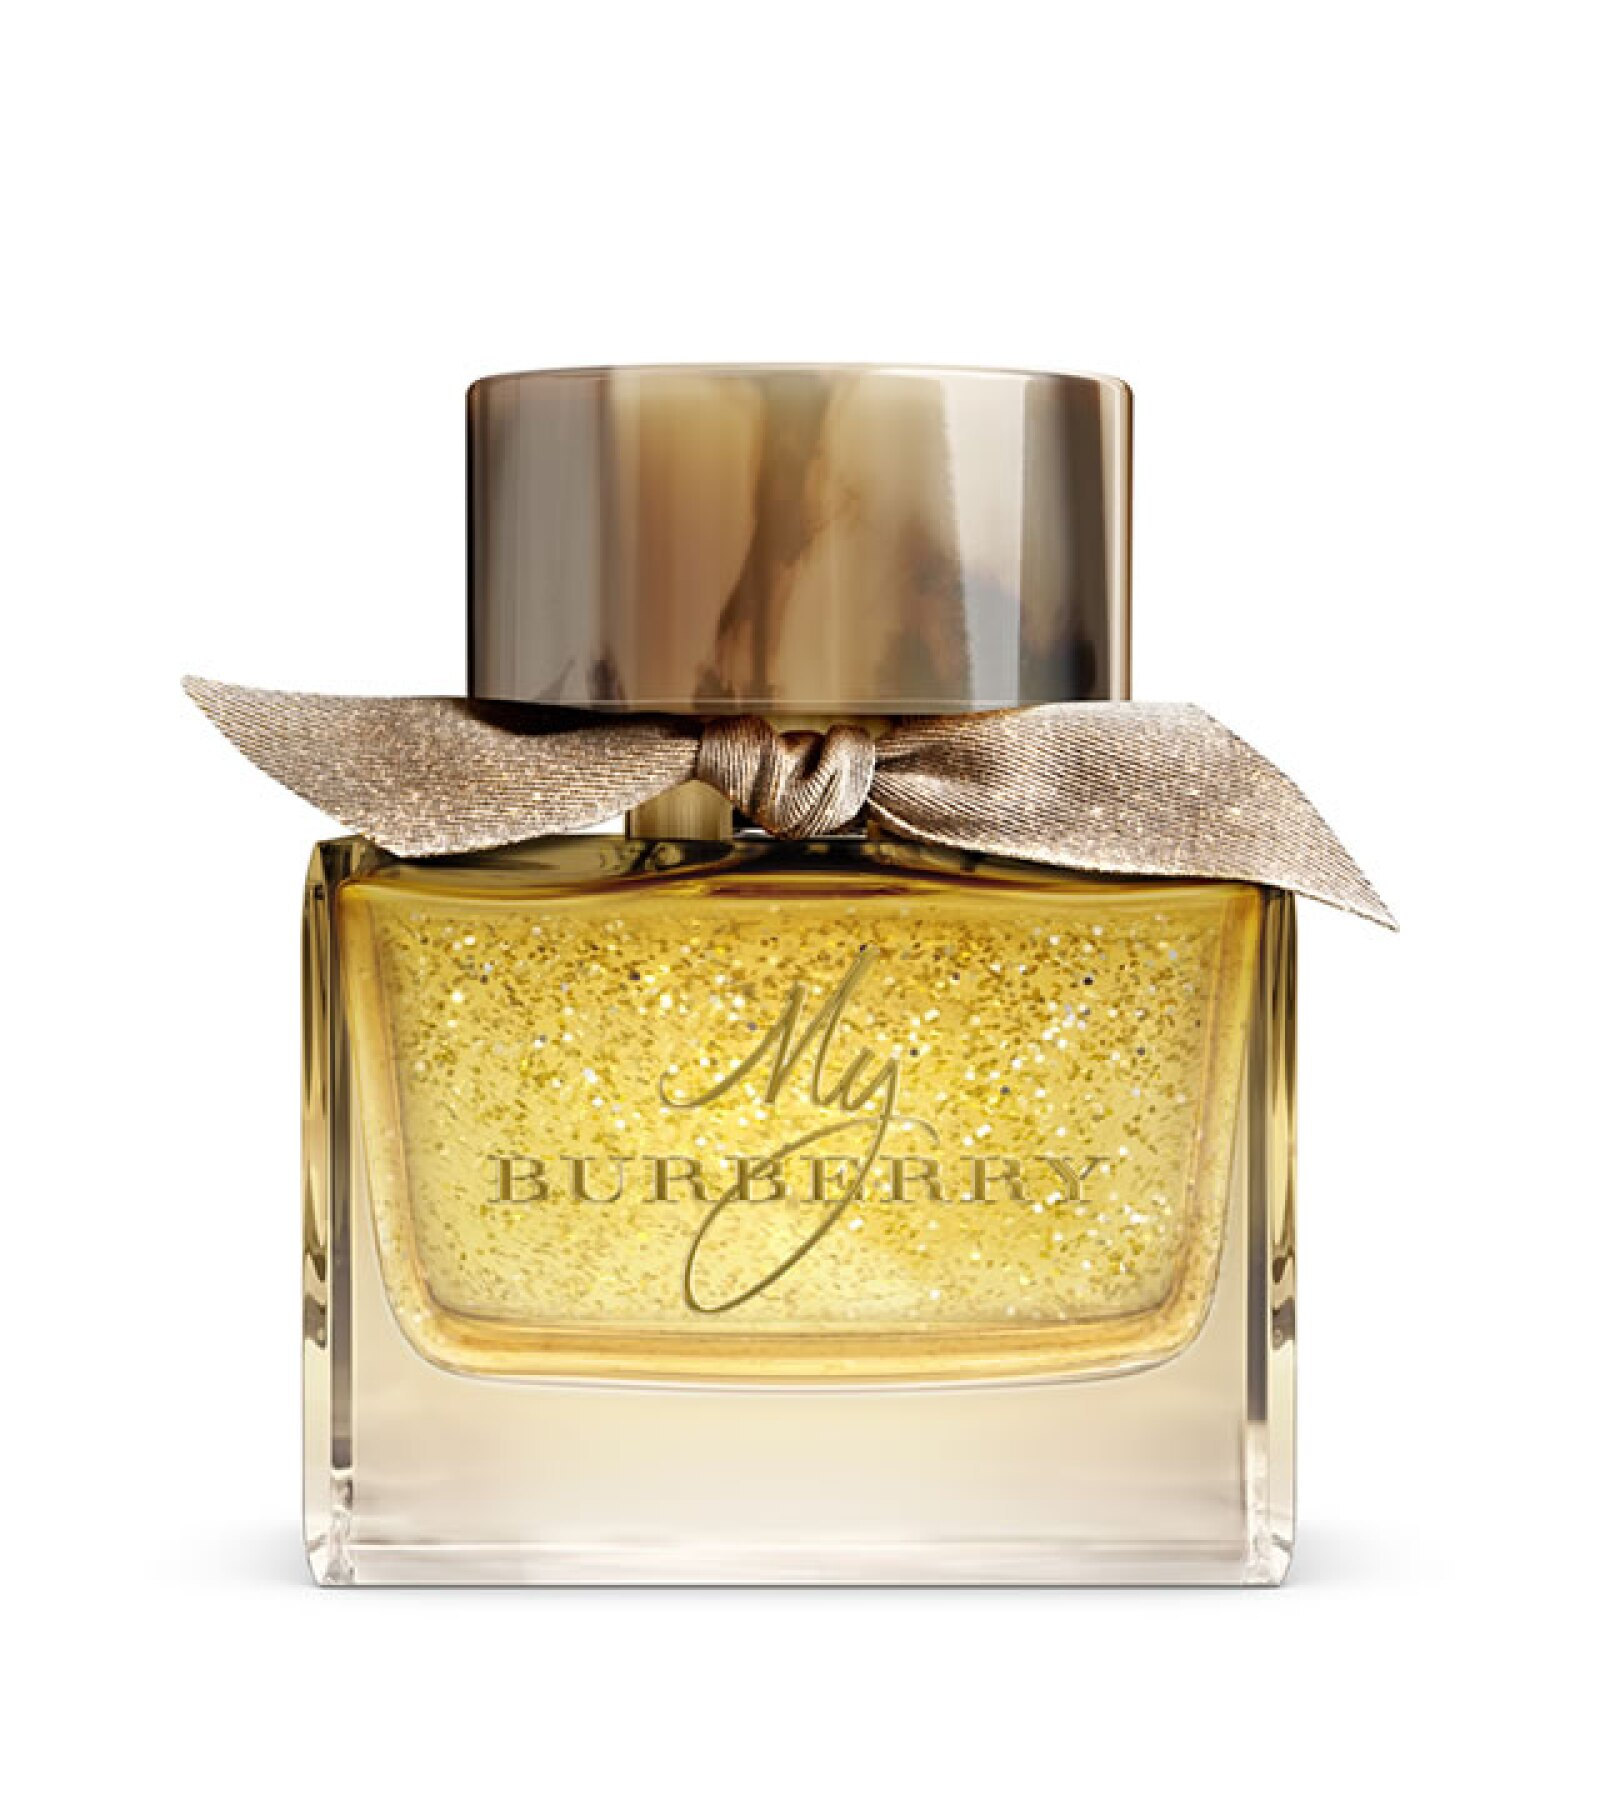 My Burberry Eau de Parfume Festive Edition: Esta edición limitada de la firma incluye notas de alverjilla y bergamota que se fusionan con el corazón de un geranio y freesia, y completa con bases de lluvia, rosas centifolia y pachulí. 1,750 pesos. El Palacio de Hierro.